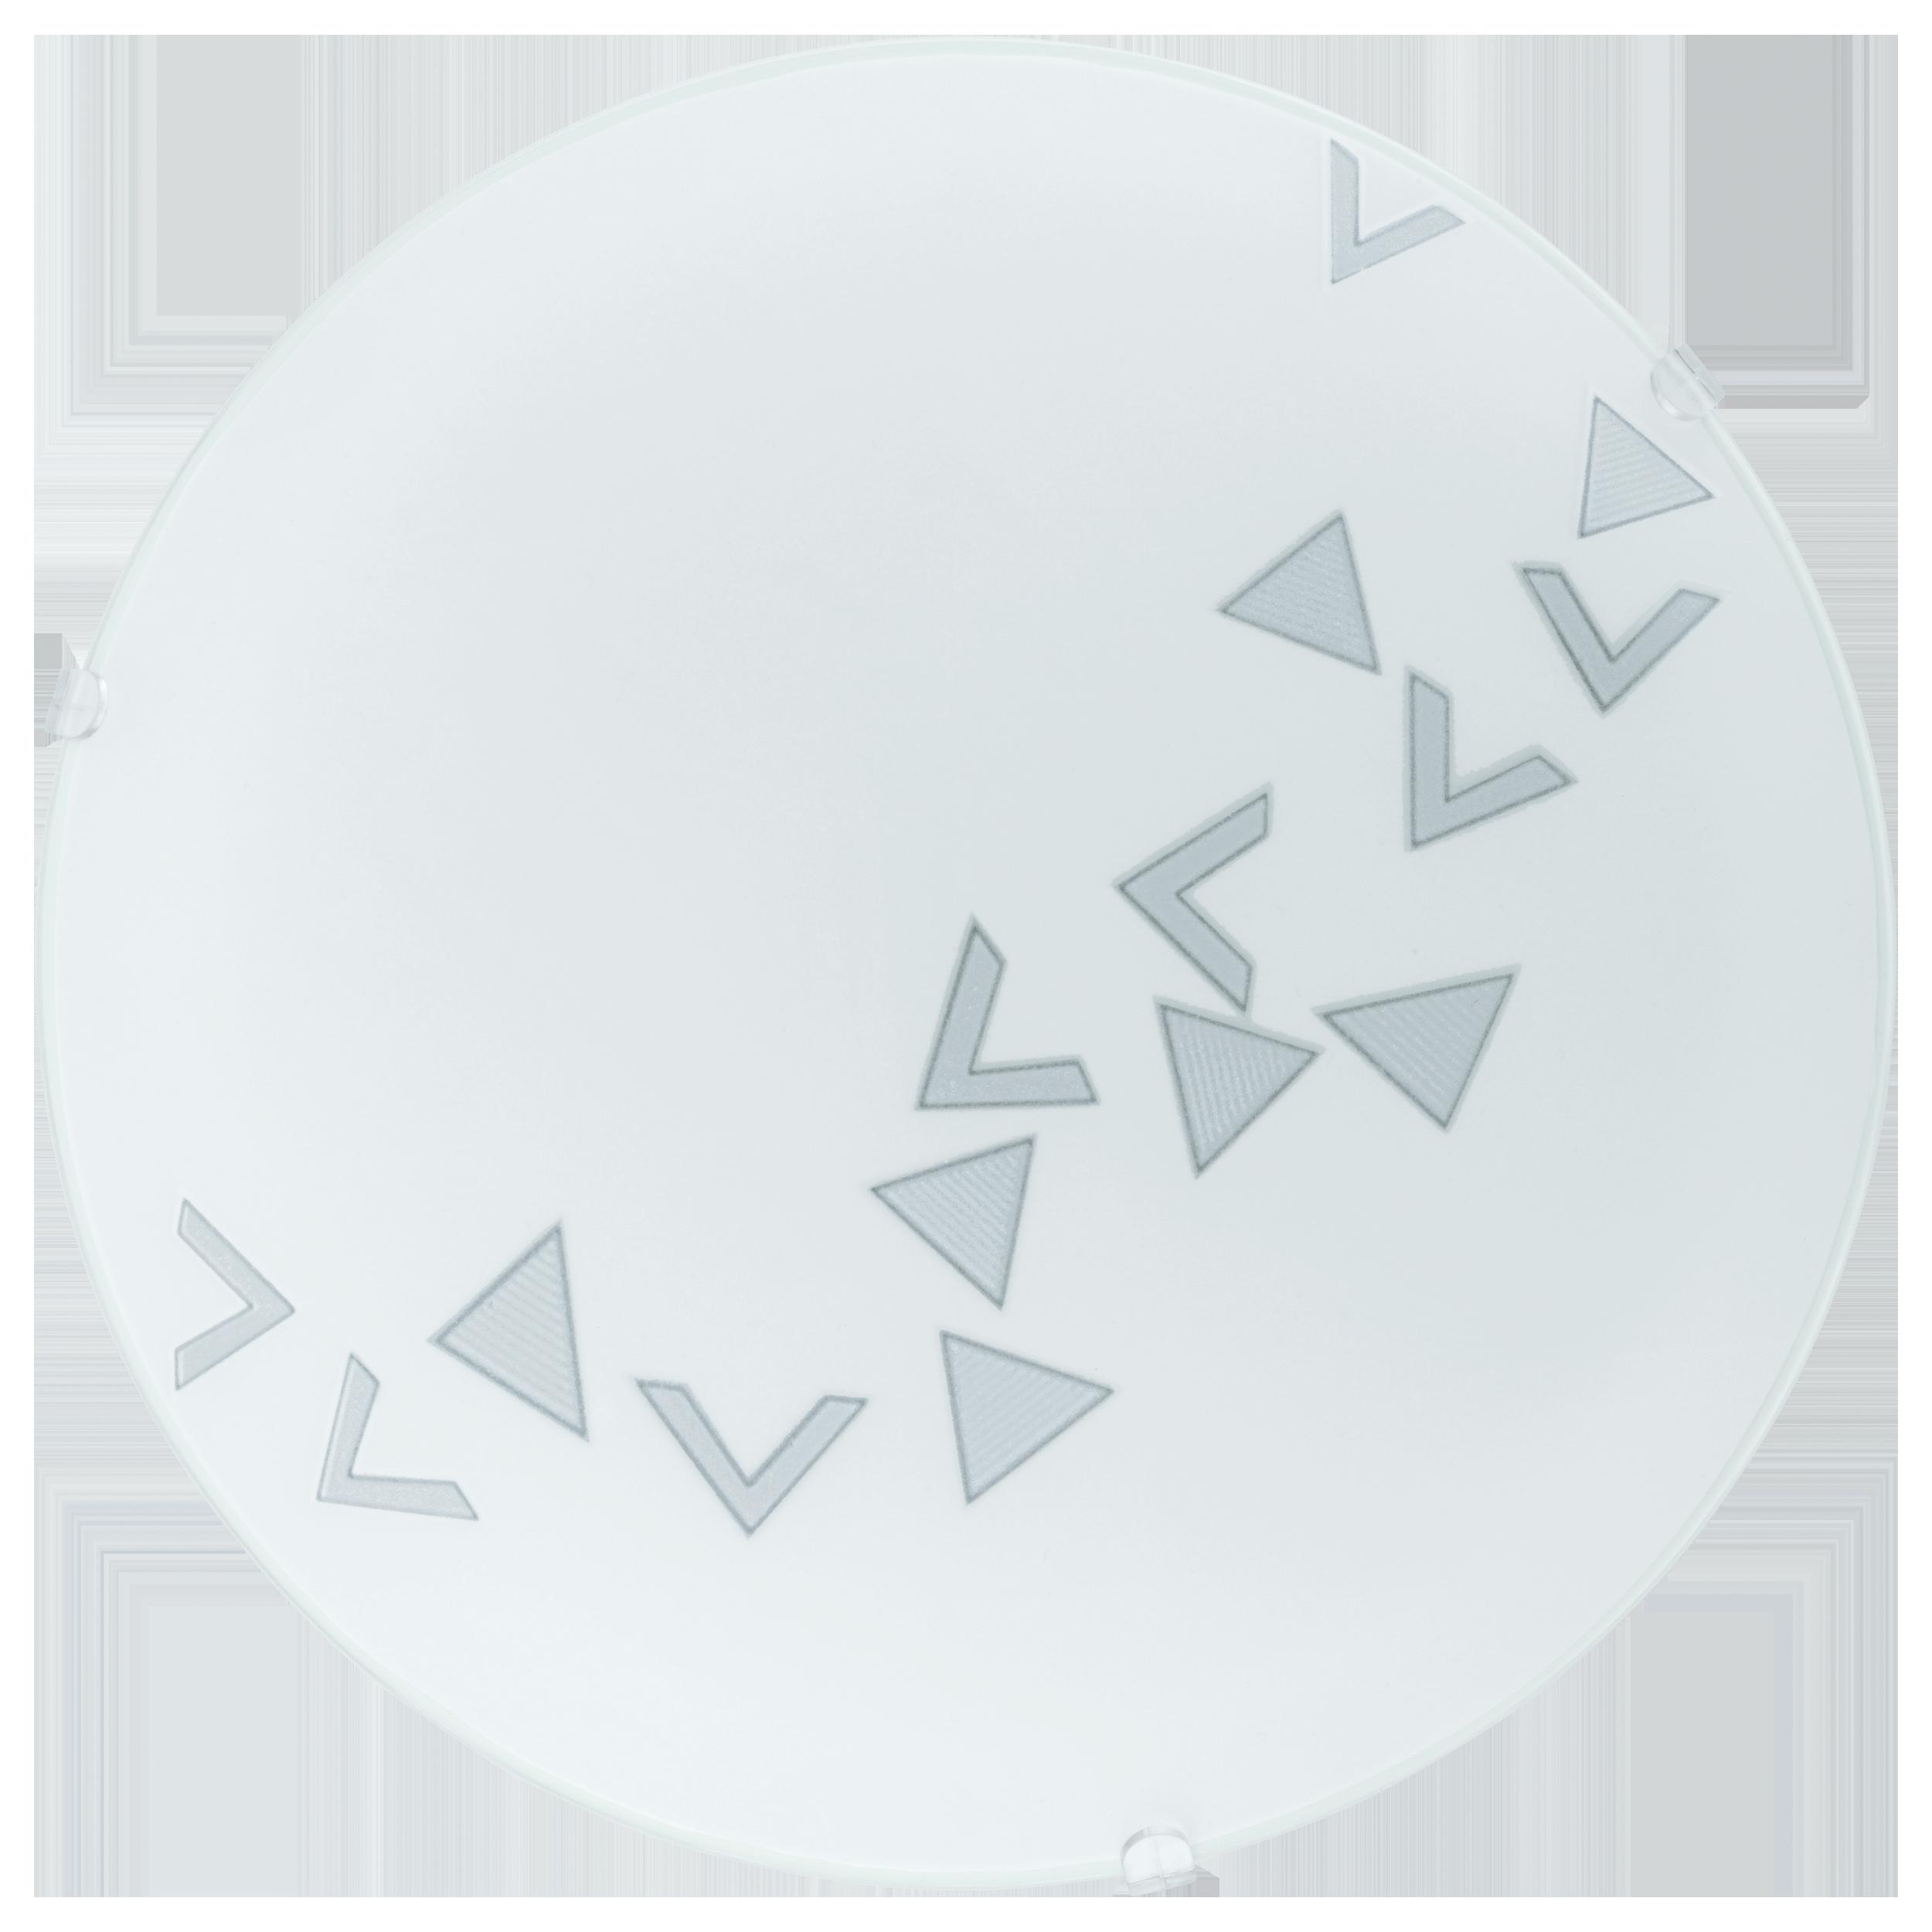 Потолочный светильник Eglo Mars 80263, 1xE27x60W, белый, металл, стекло - фото 1